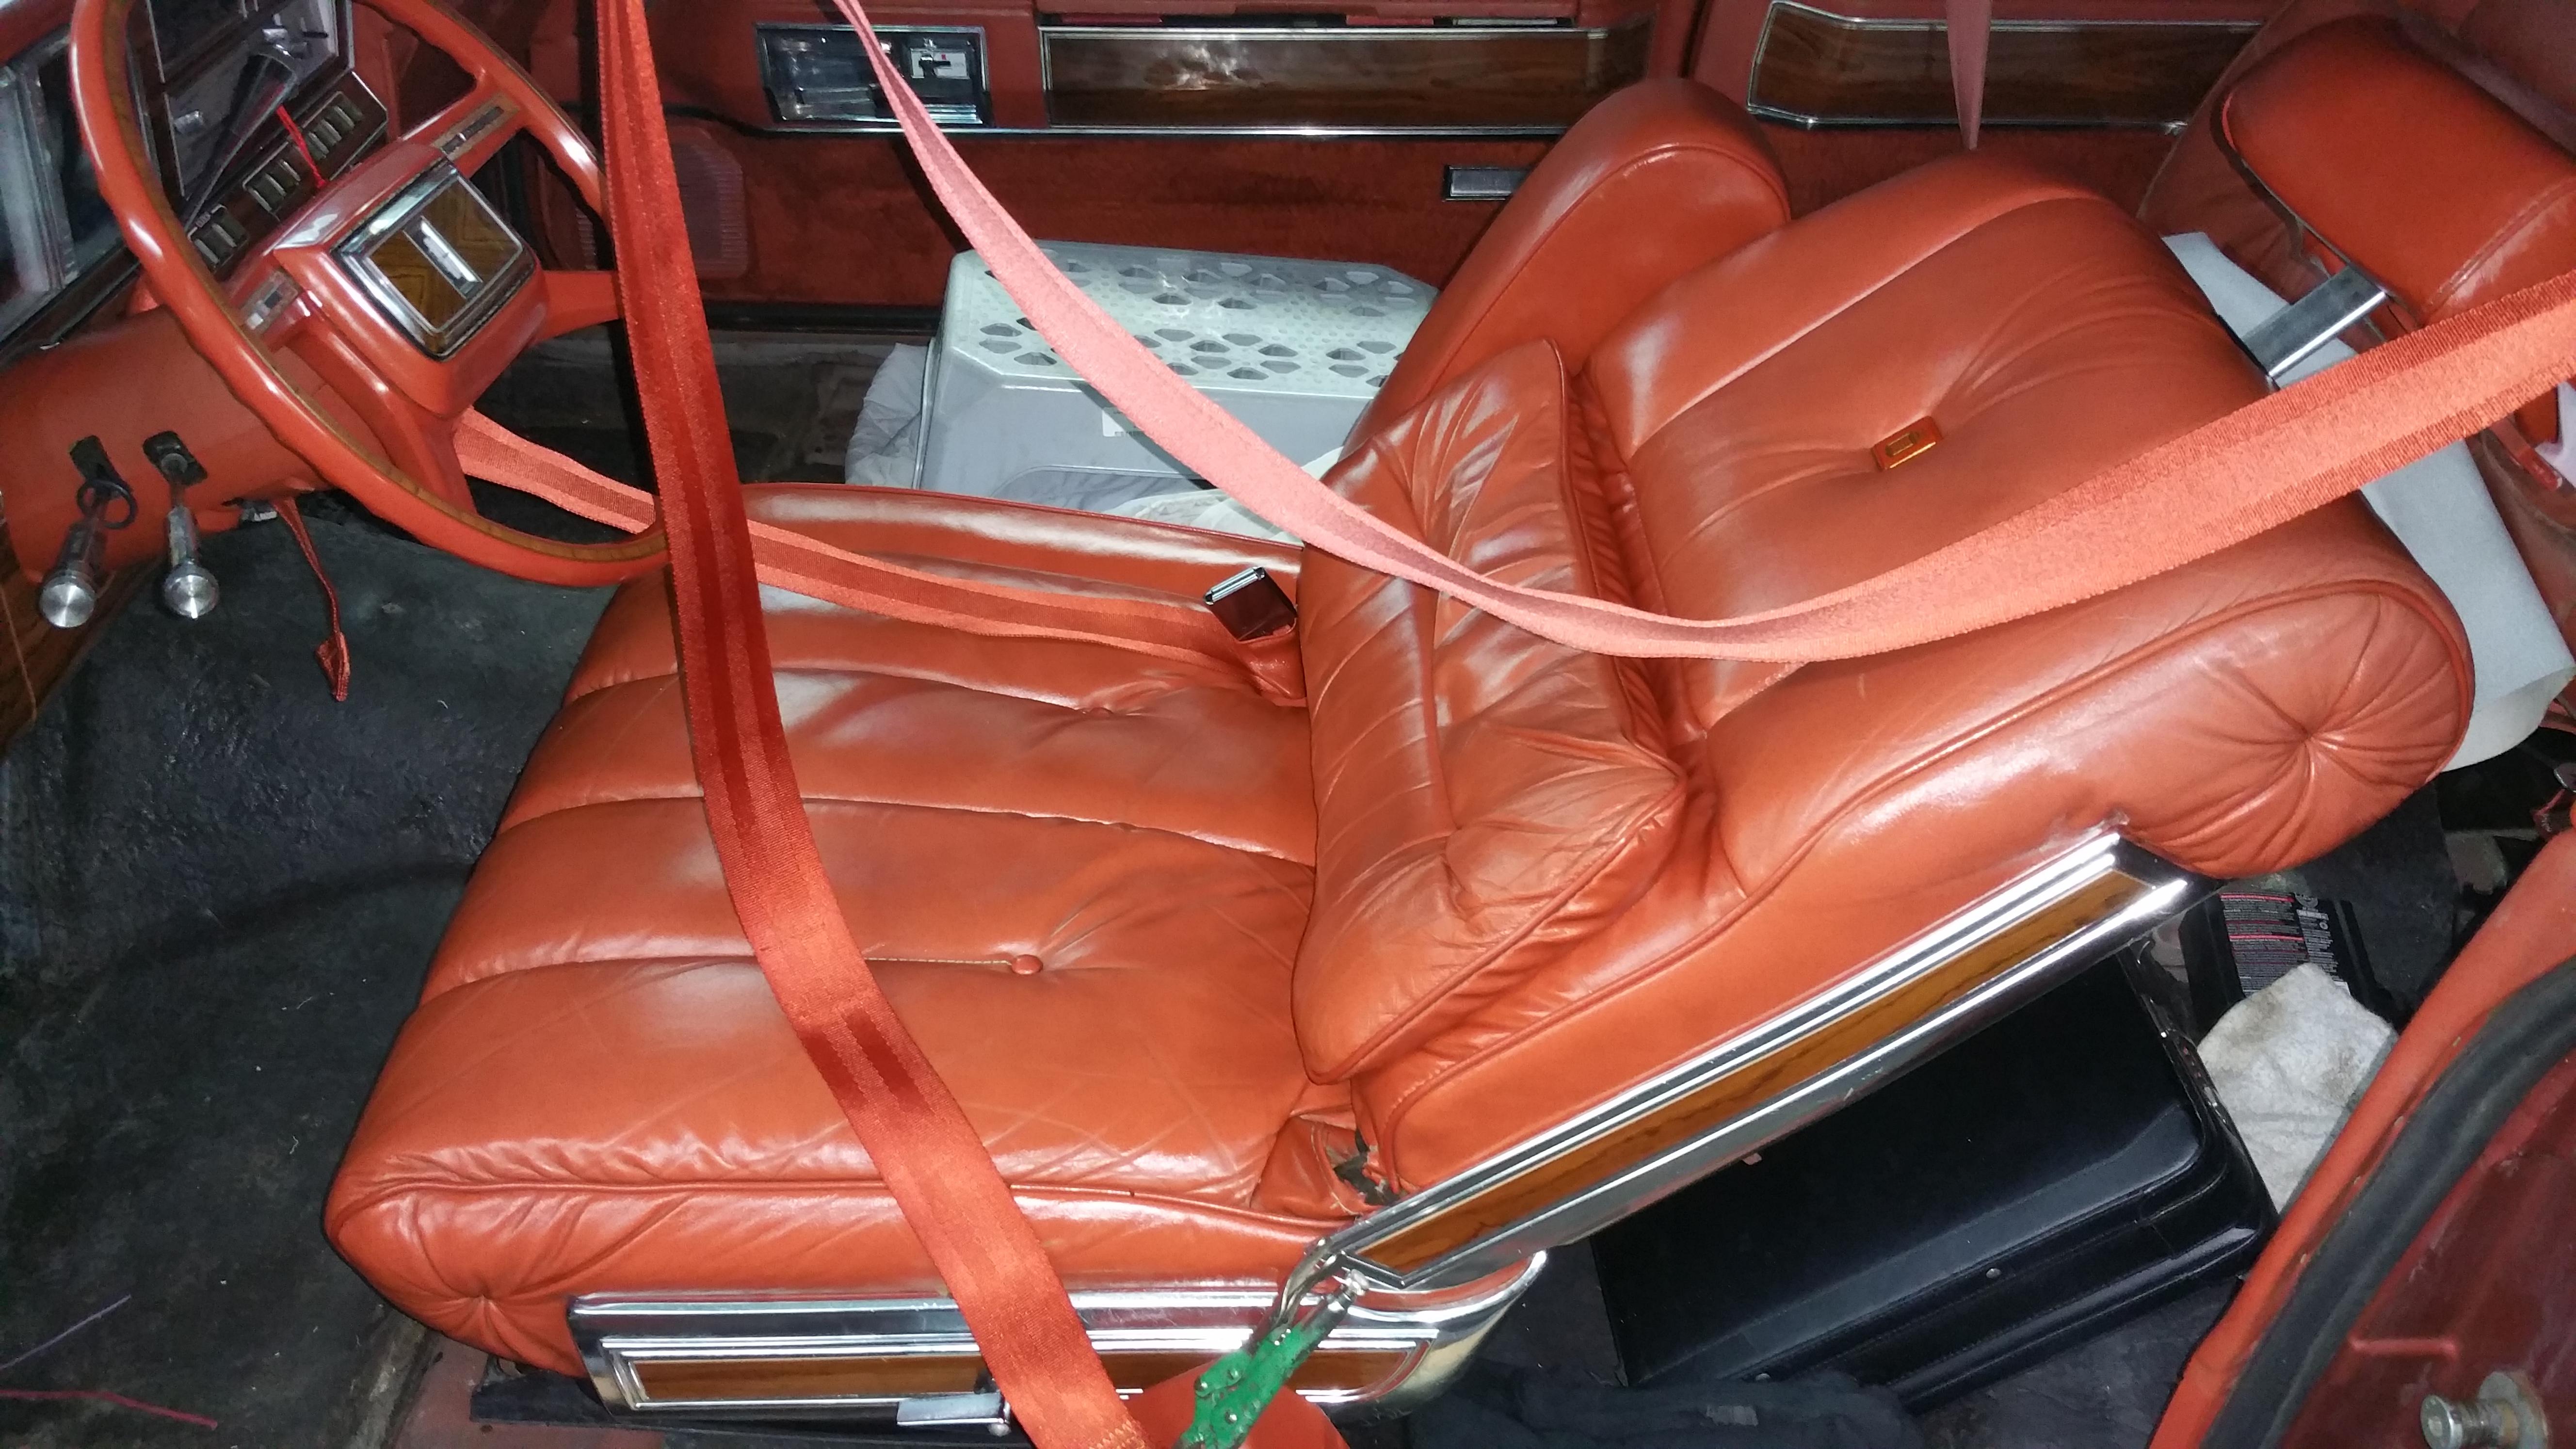 Vinyl roof and interior trim